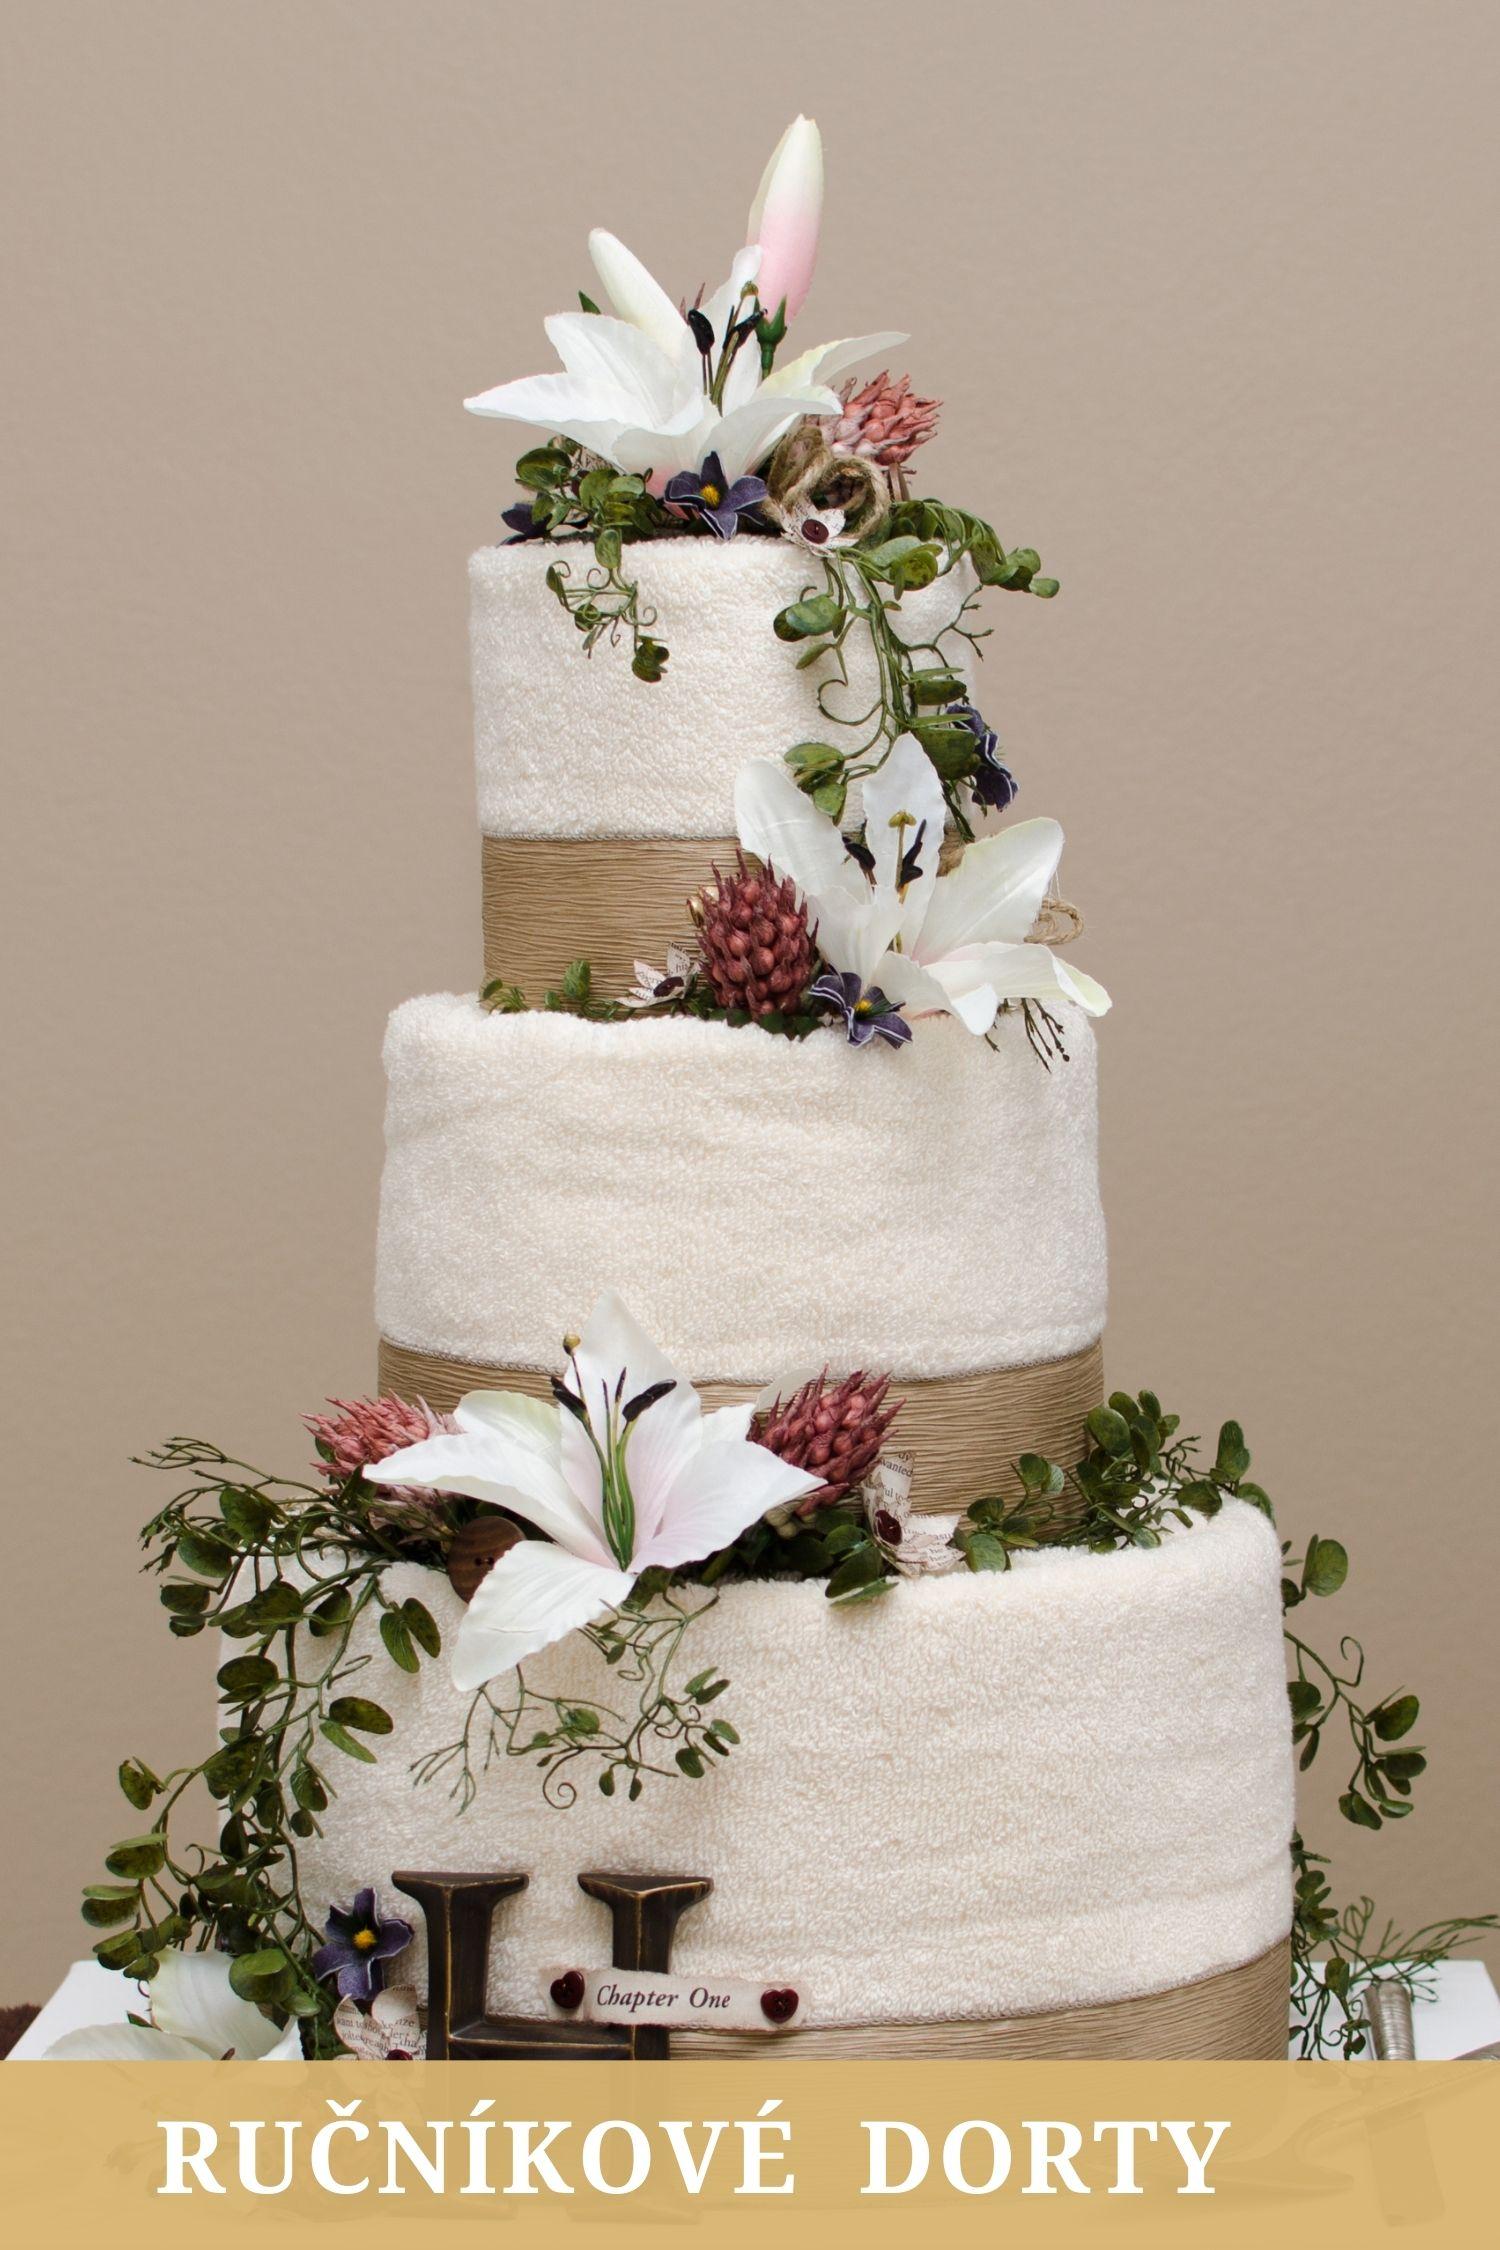 Ručníkové dorty